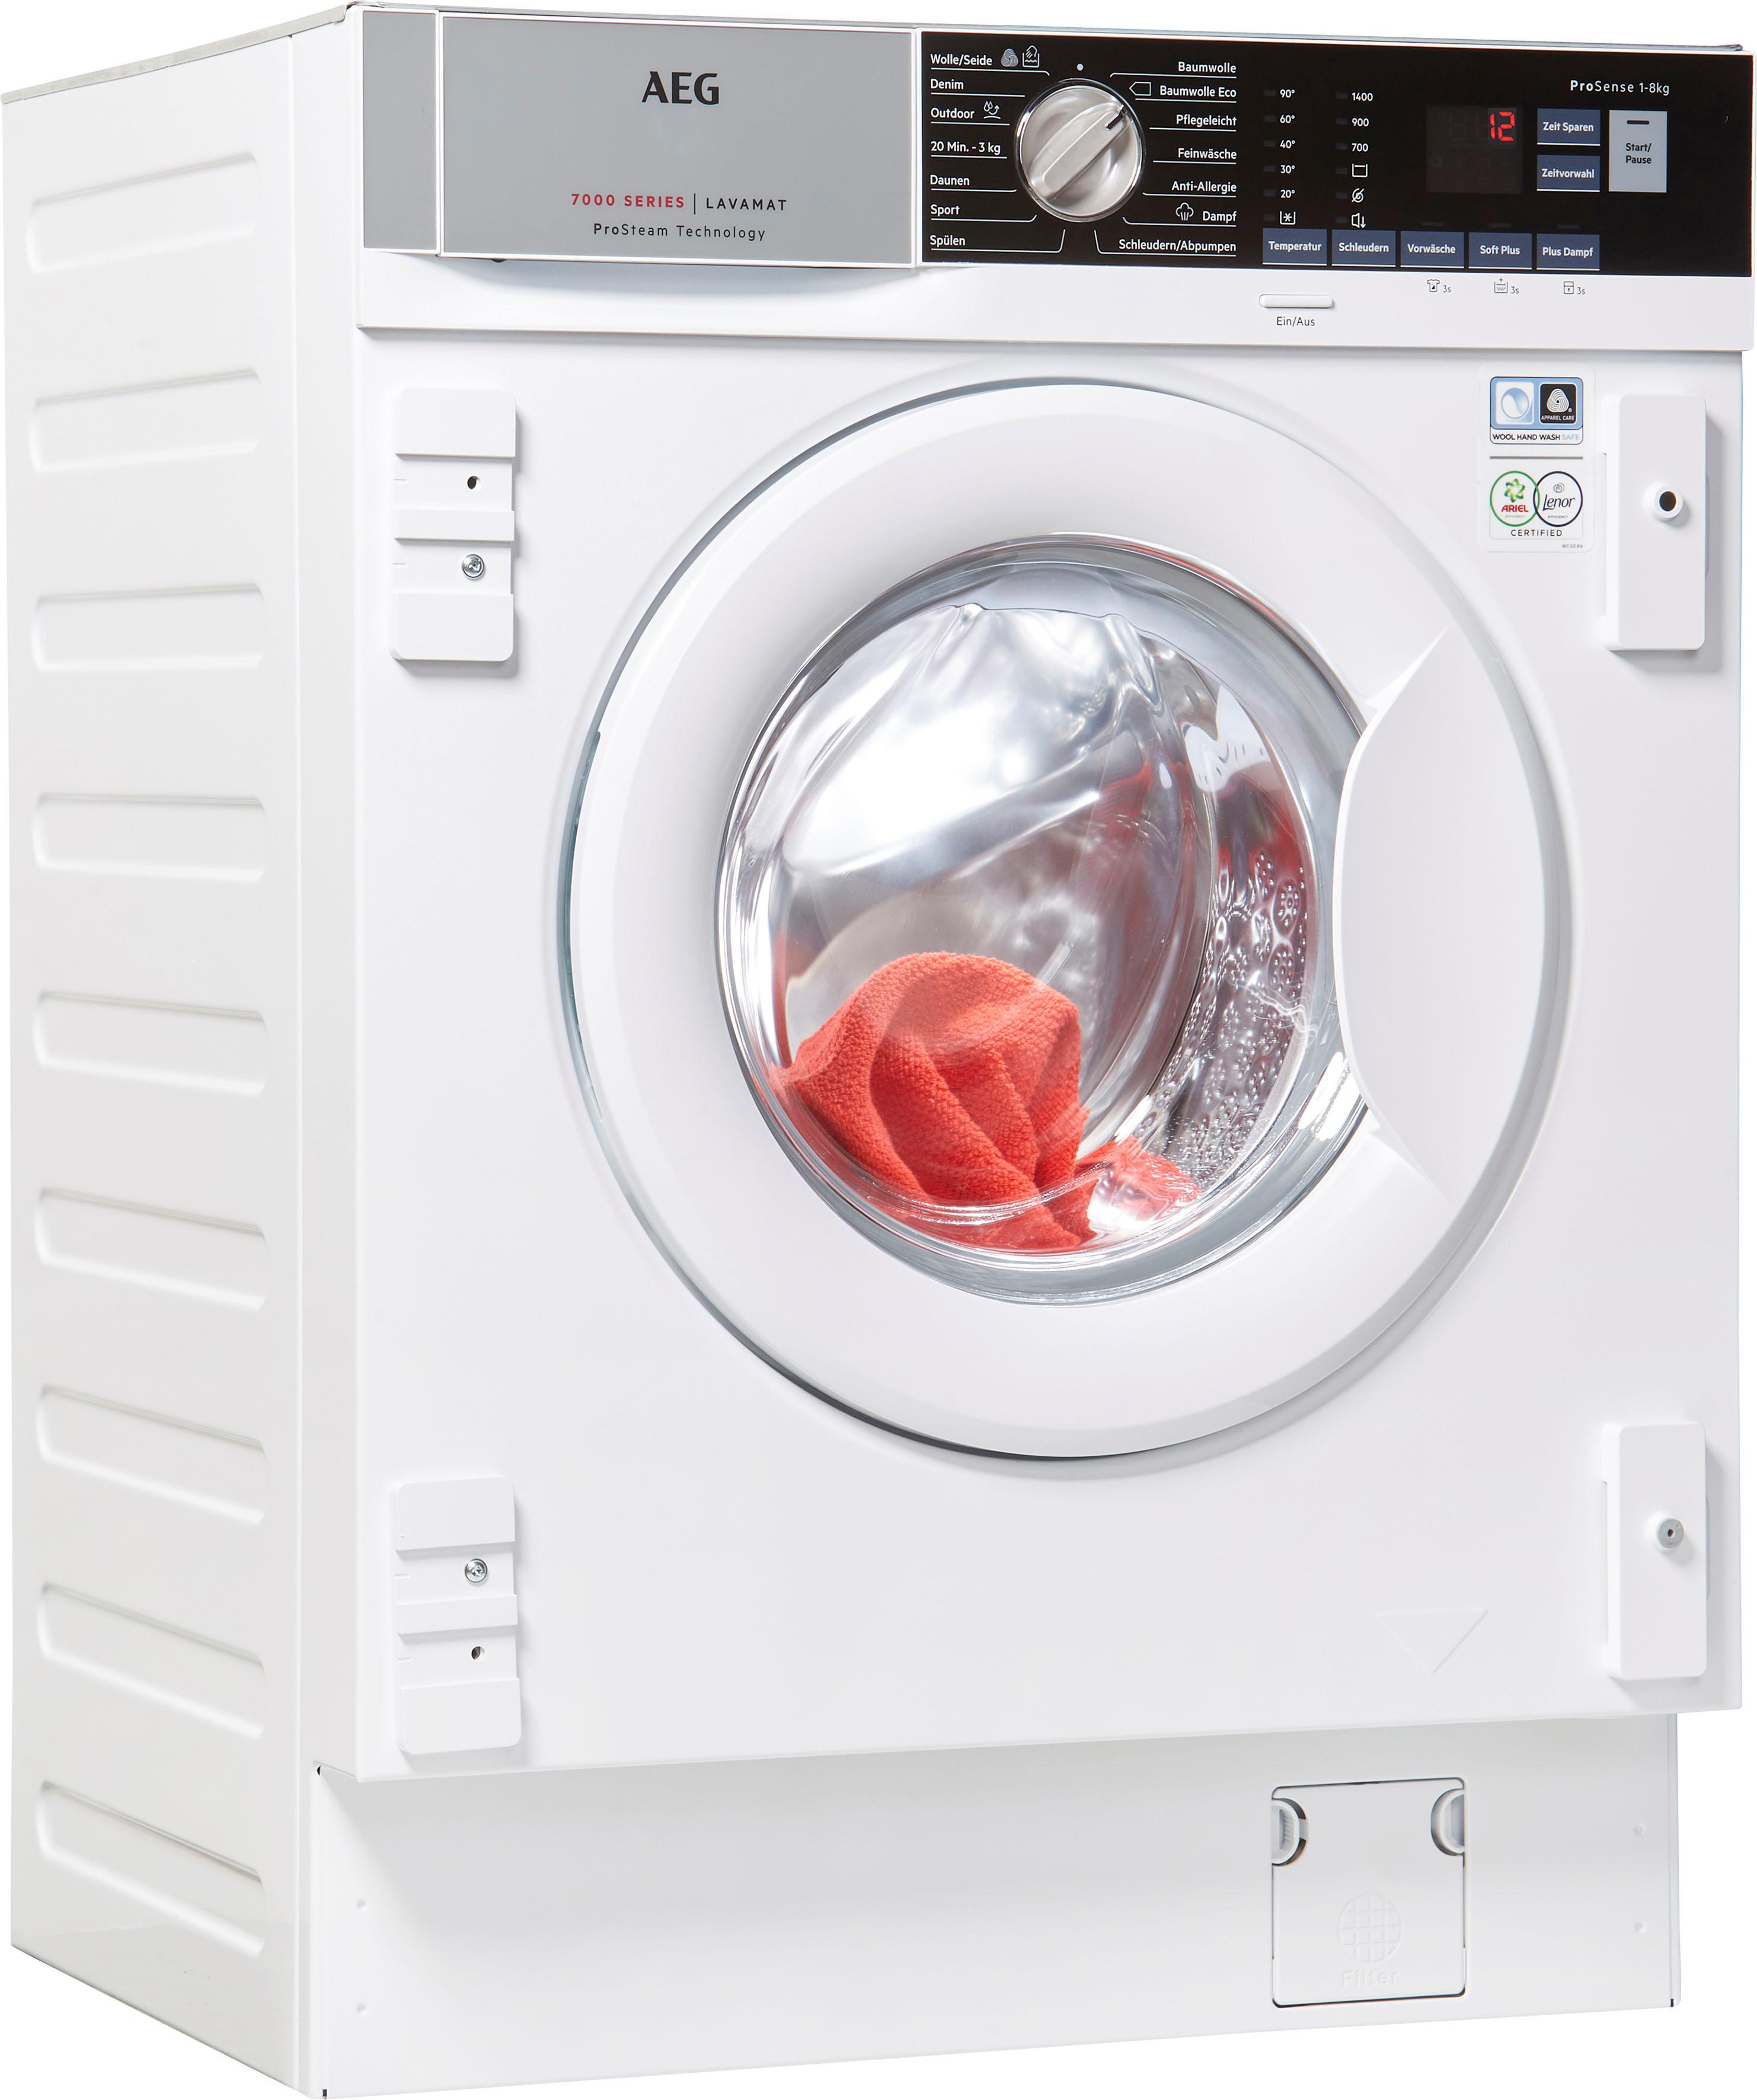 AEG Einbauwaschmaschine L7FBI6480   Bad > Waschmaschinen und Trockner > Einbauwaschmaschinen   AEG